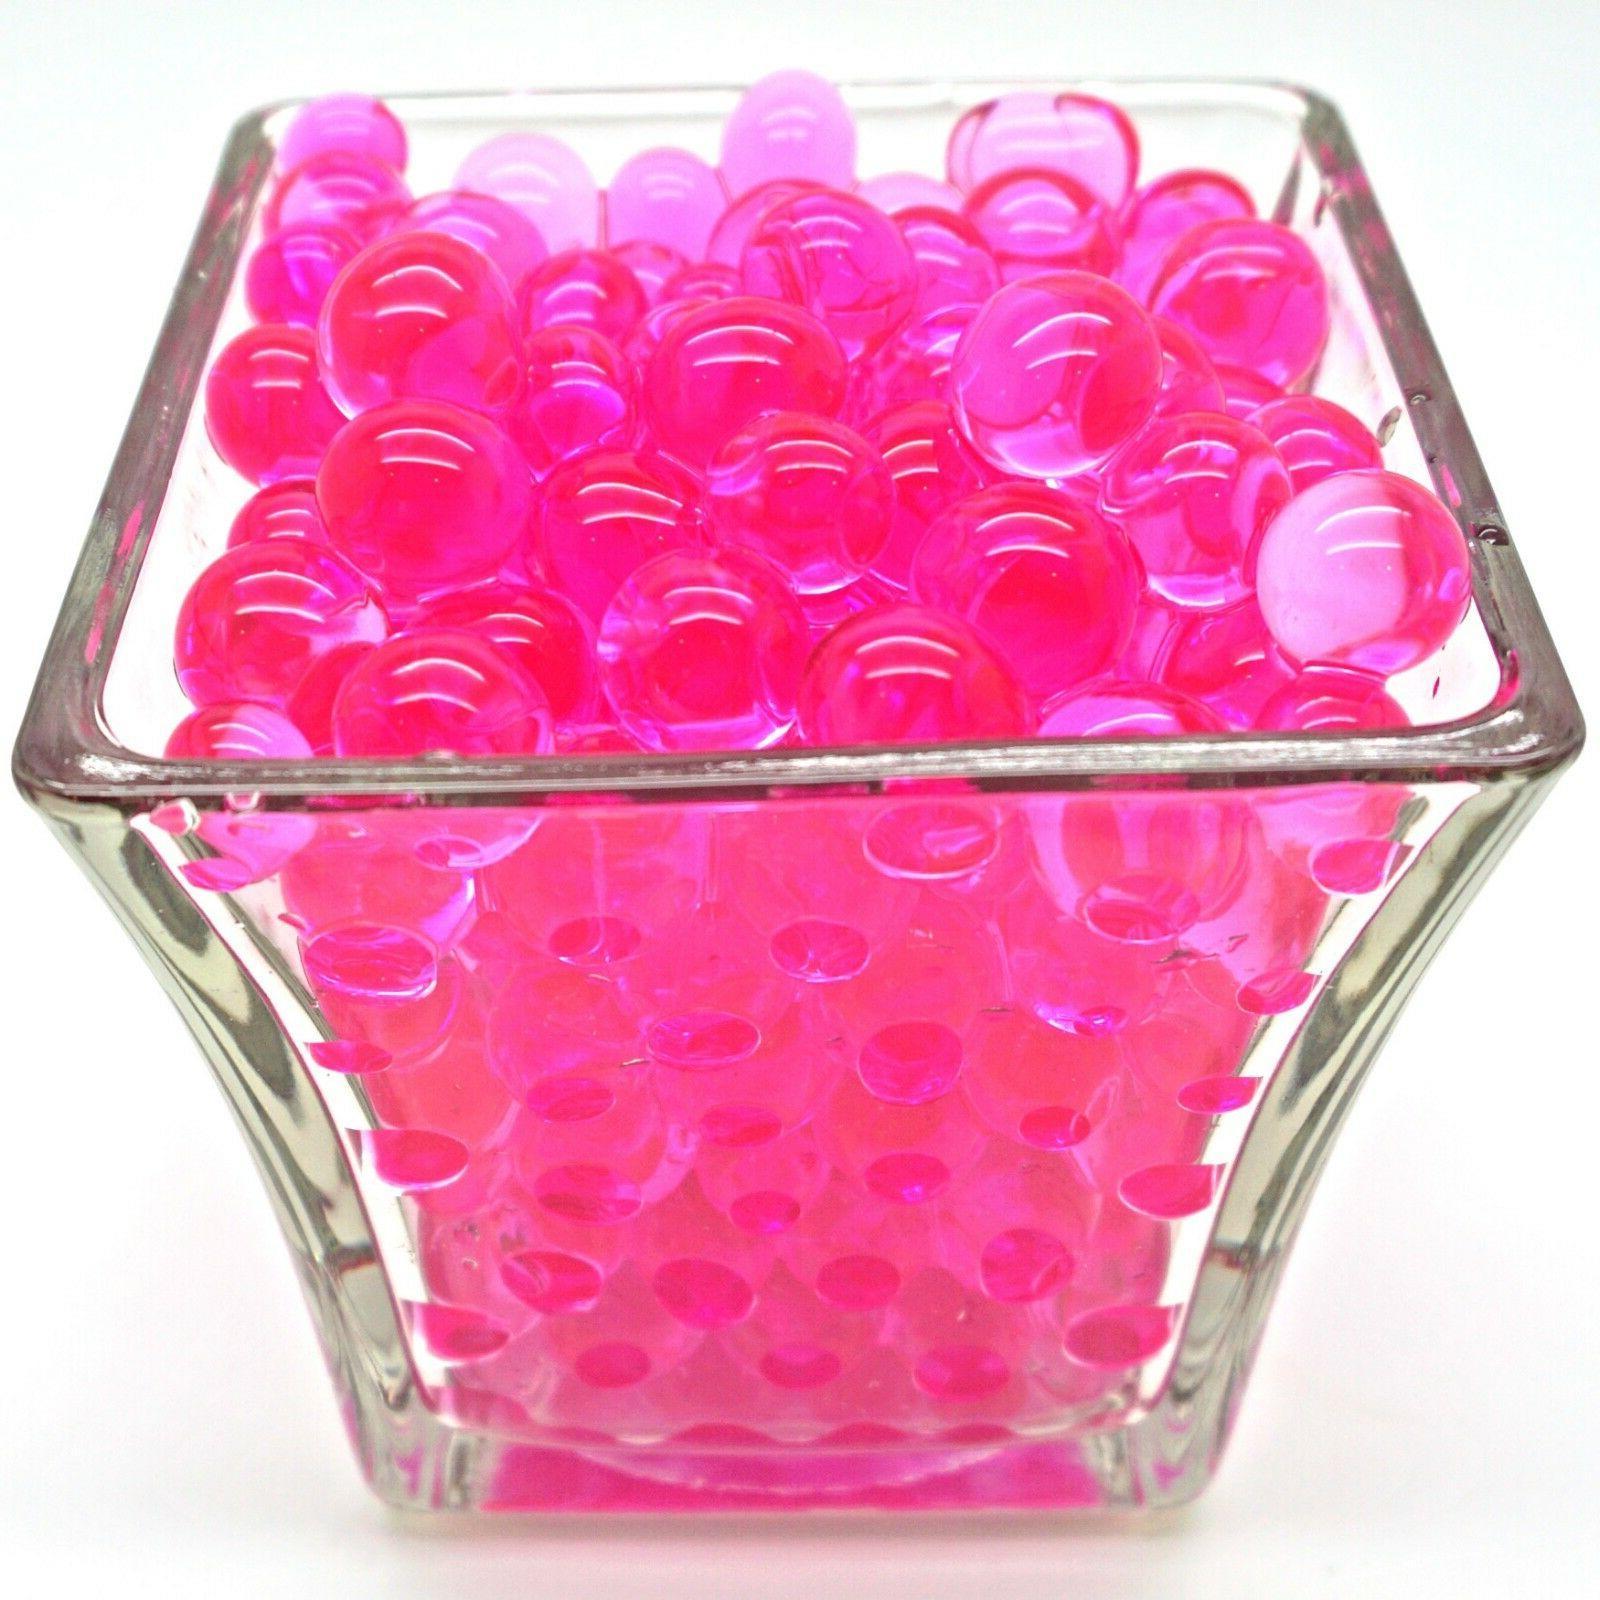 5 Vase Filler Gel Water Beads Free